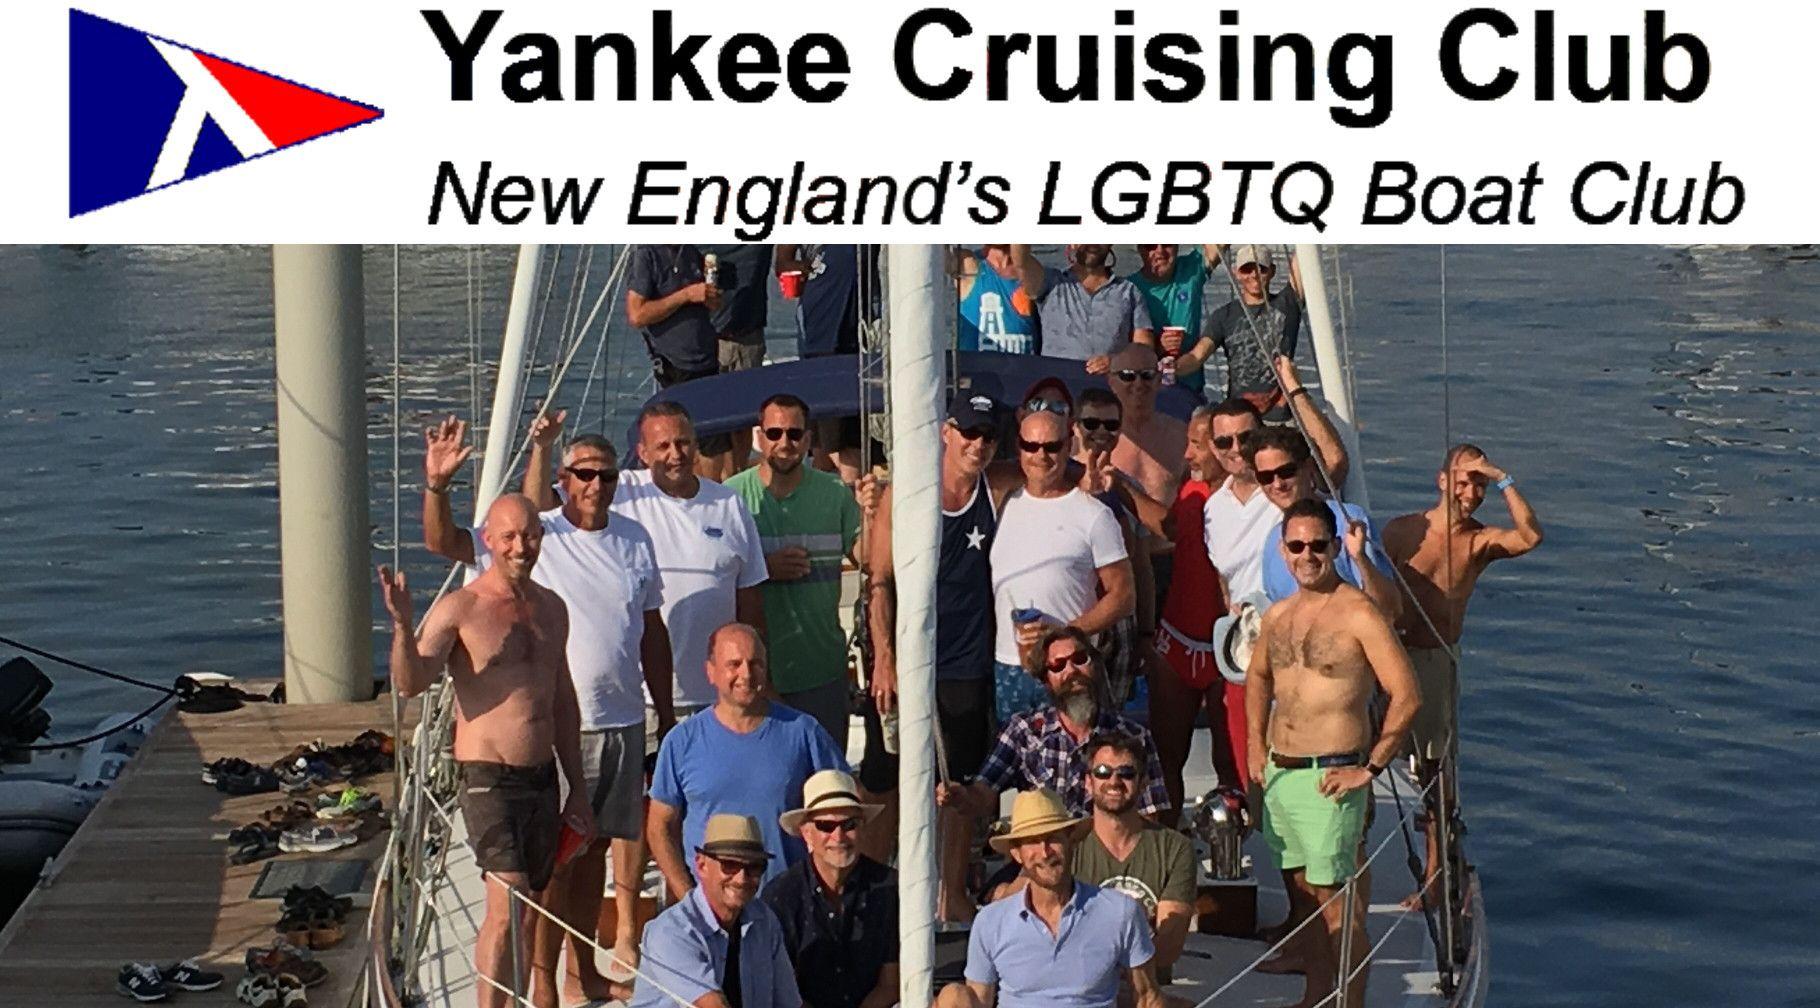 Yankee Cruising Club--New England's LGBTQ Boat Club